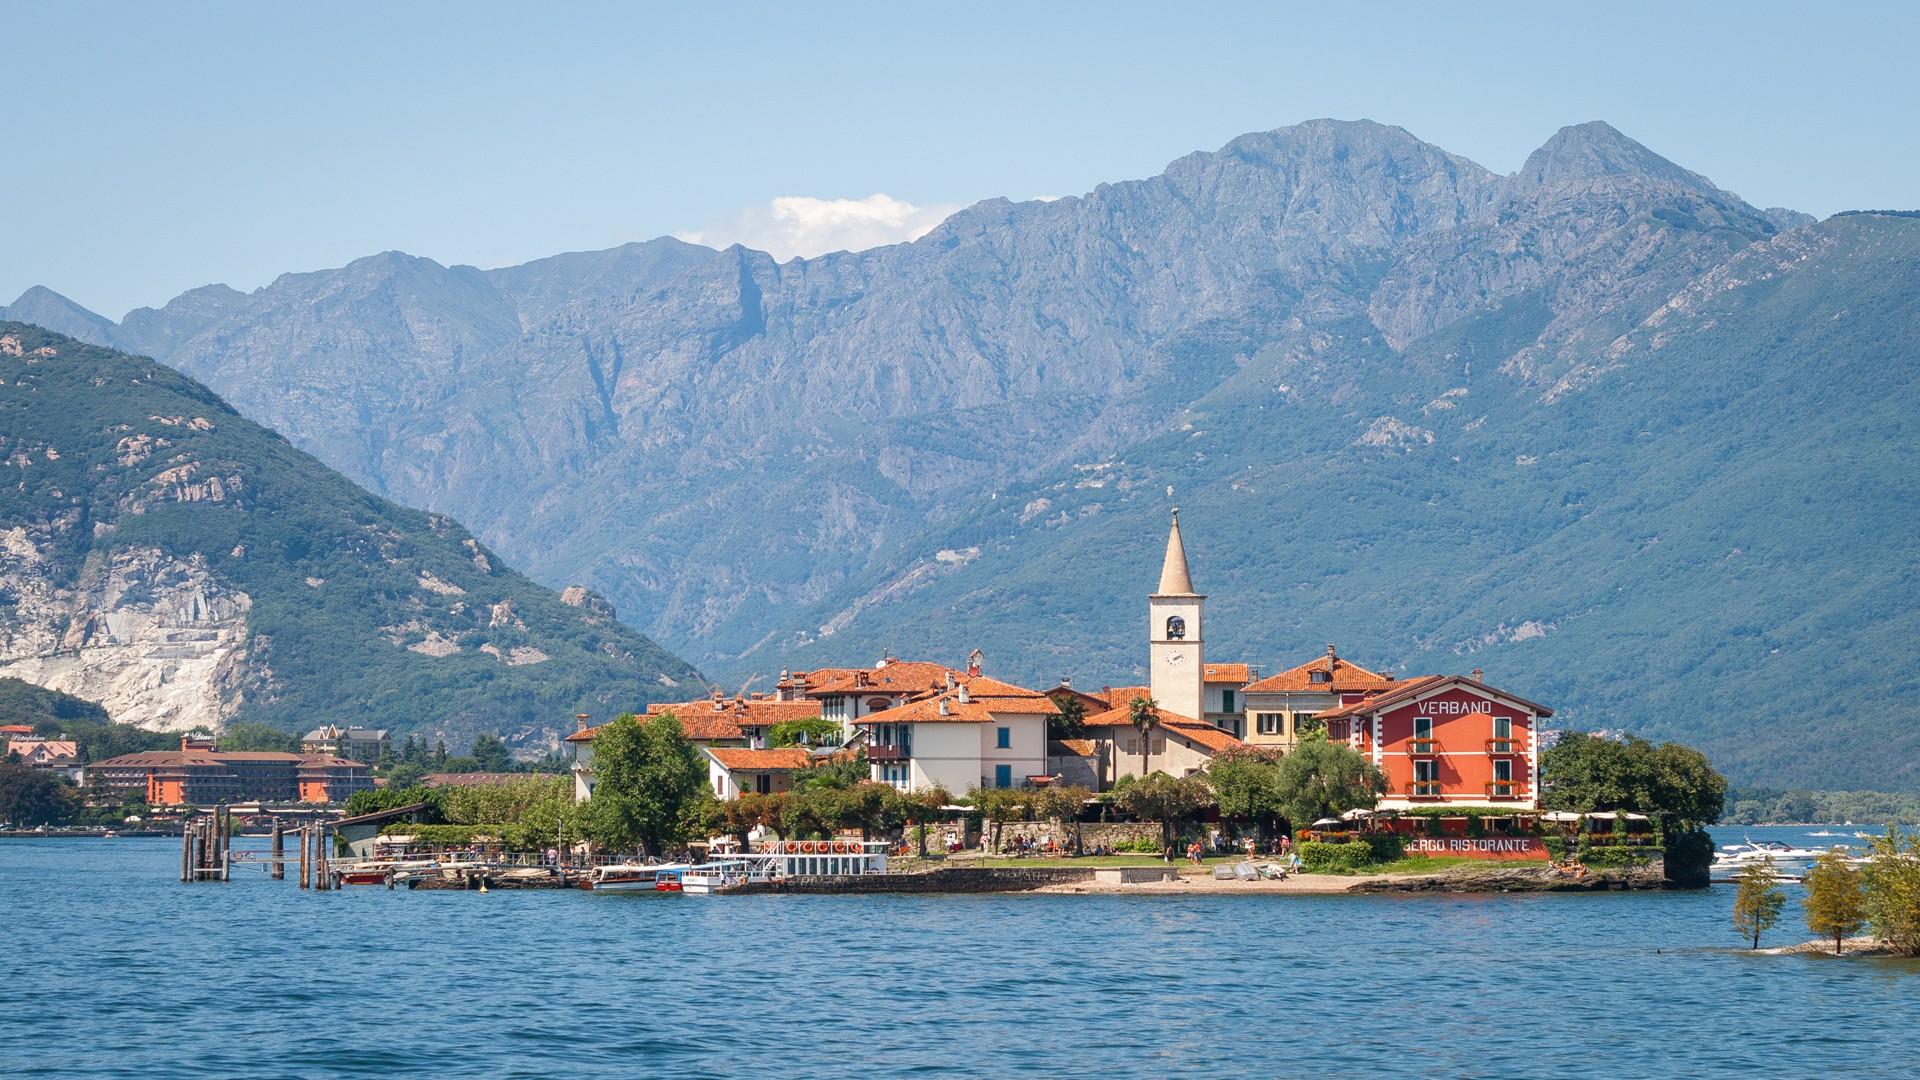 Download 1920x1080 Lake Maggiore Lago Verbano Apls